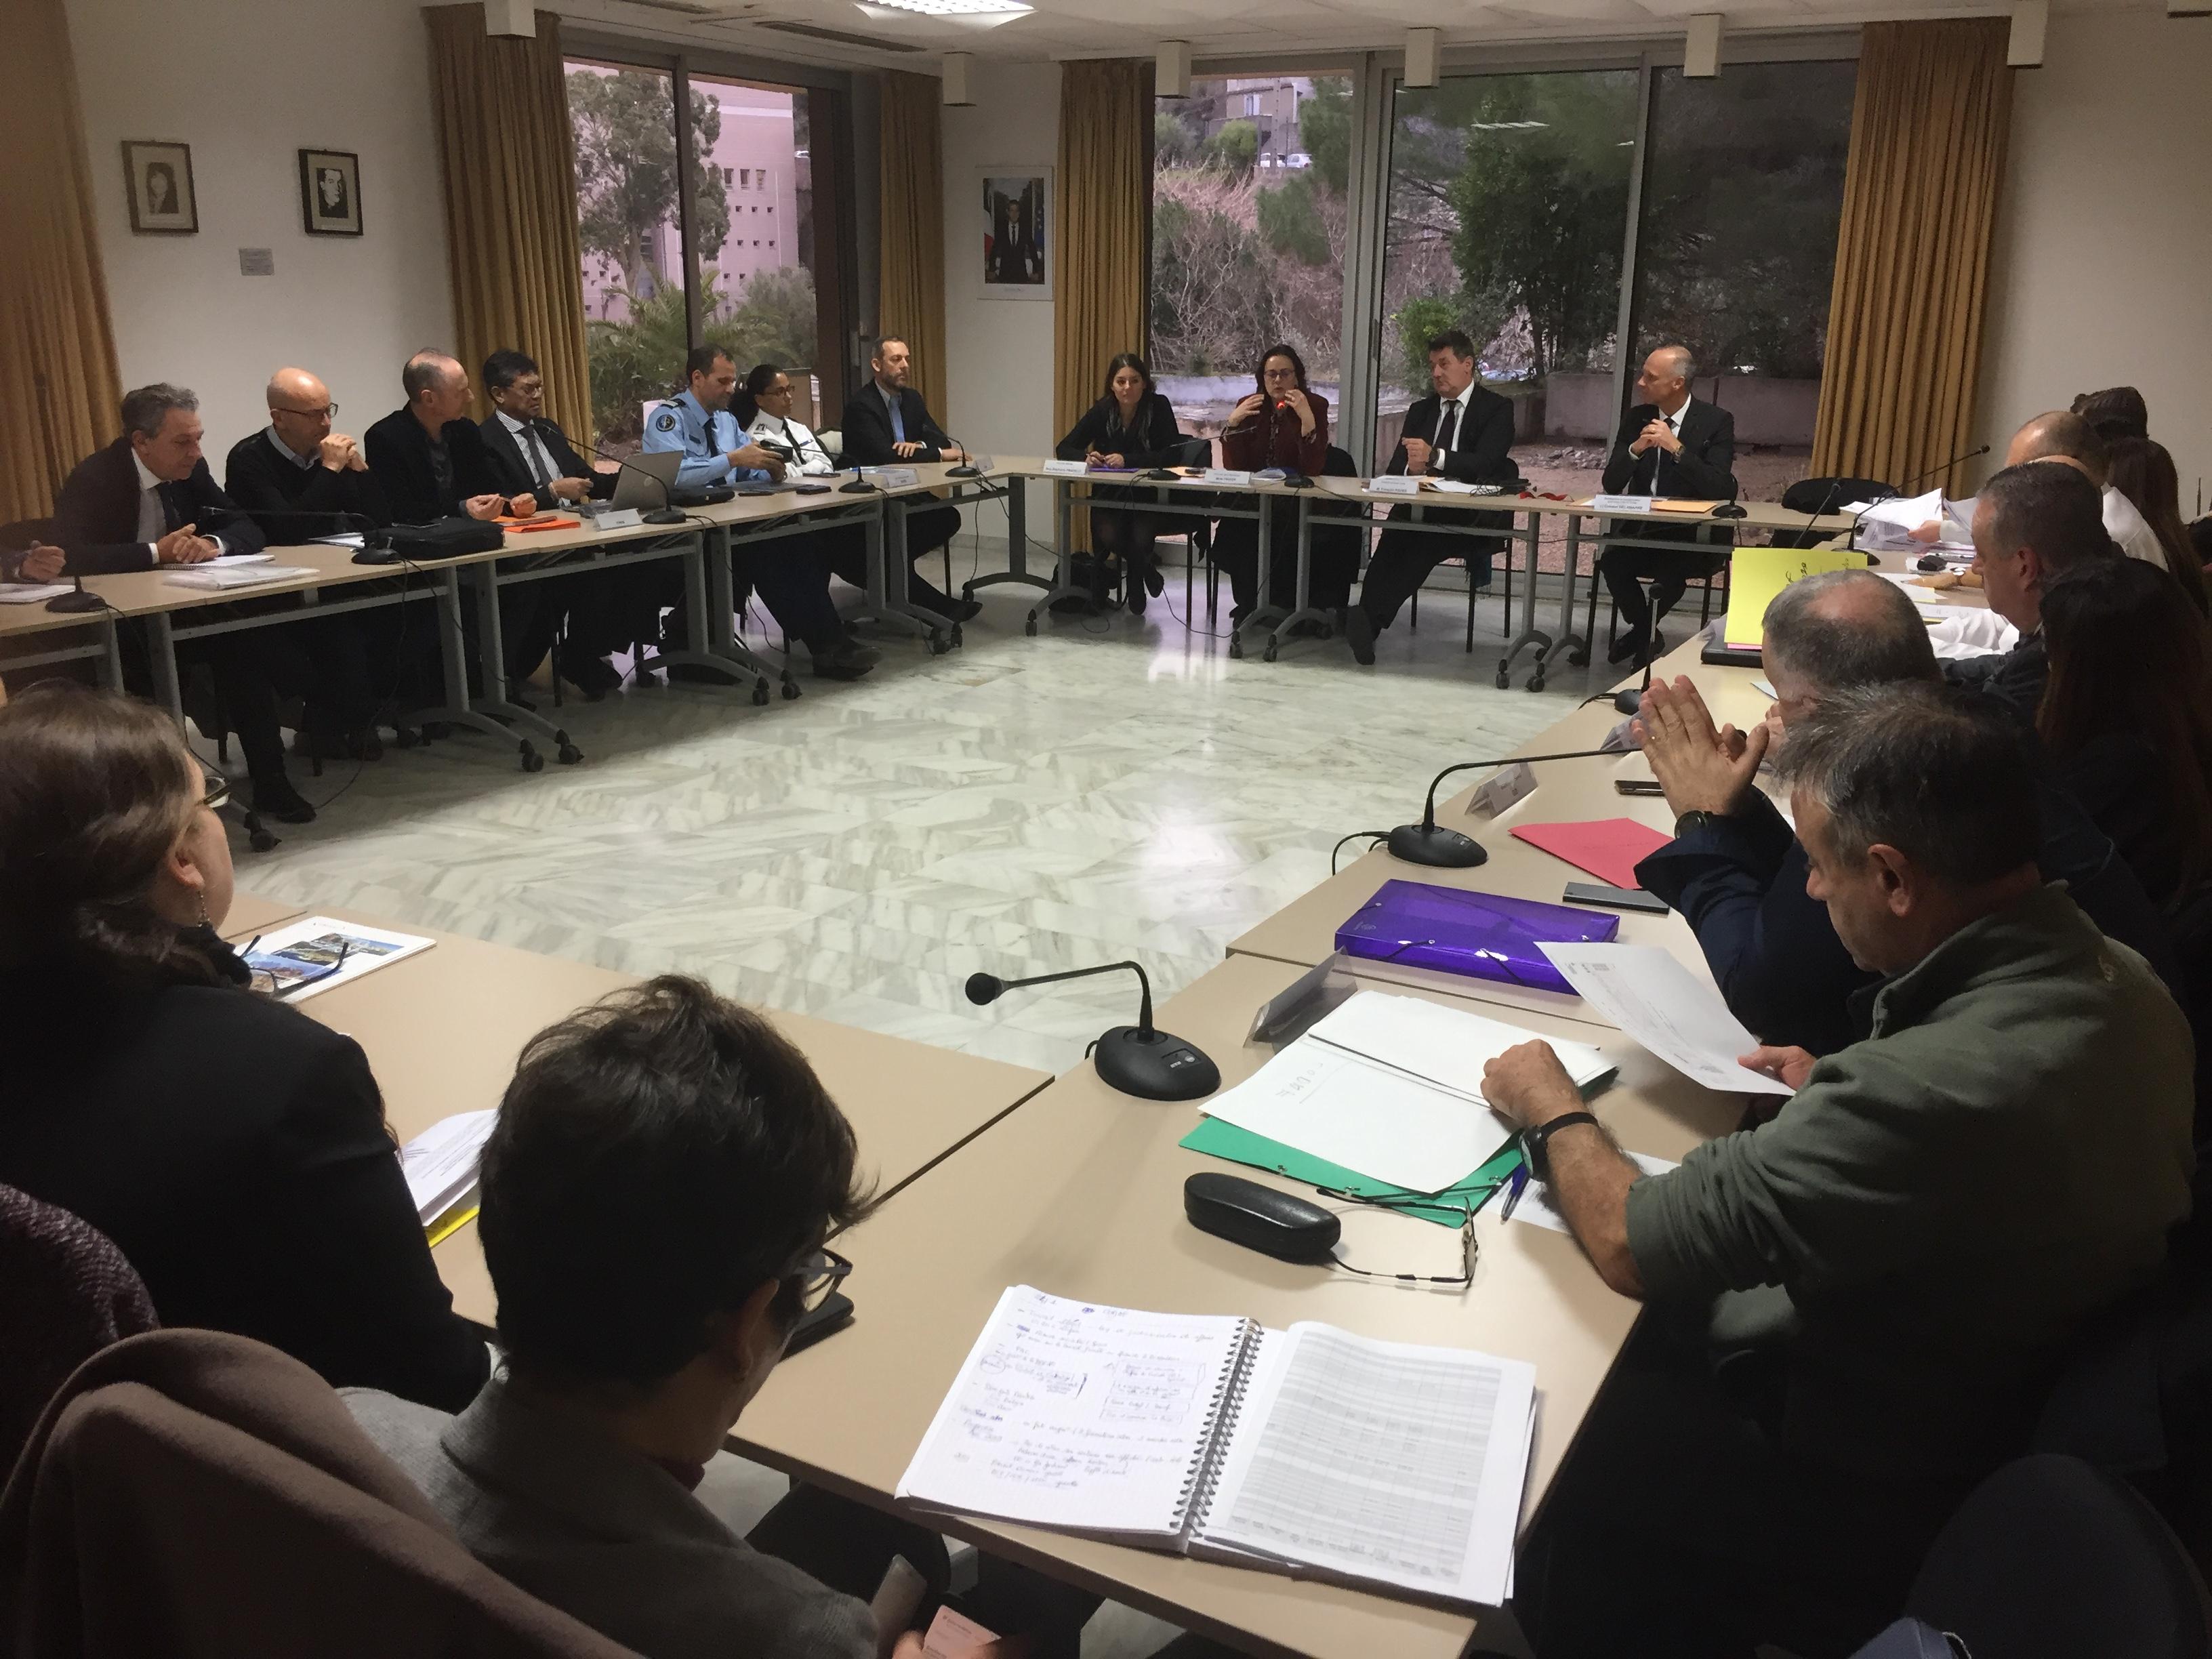 Lutte contre les fraudes : Le CODAF de Haute-Corse dresse un bilan satisfaisant